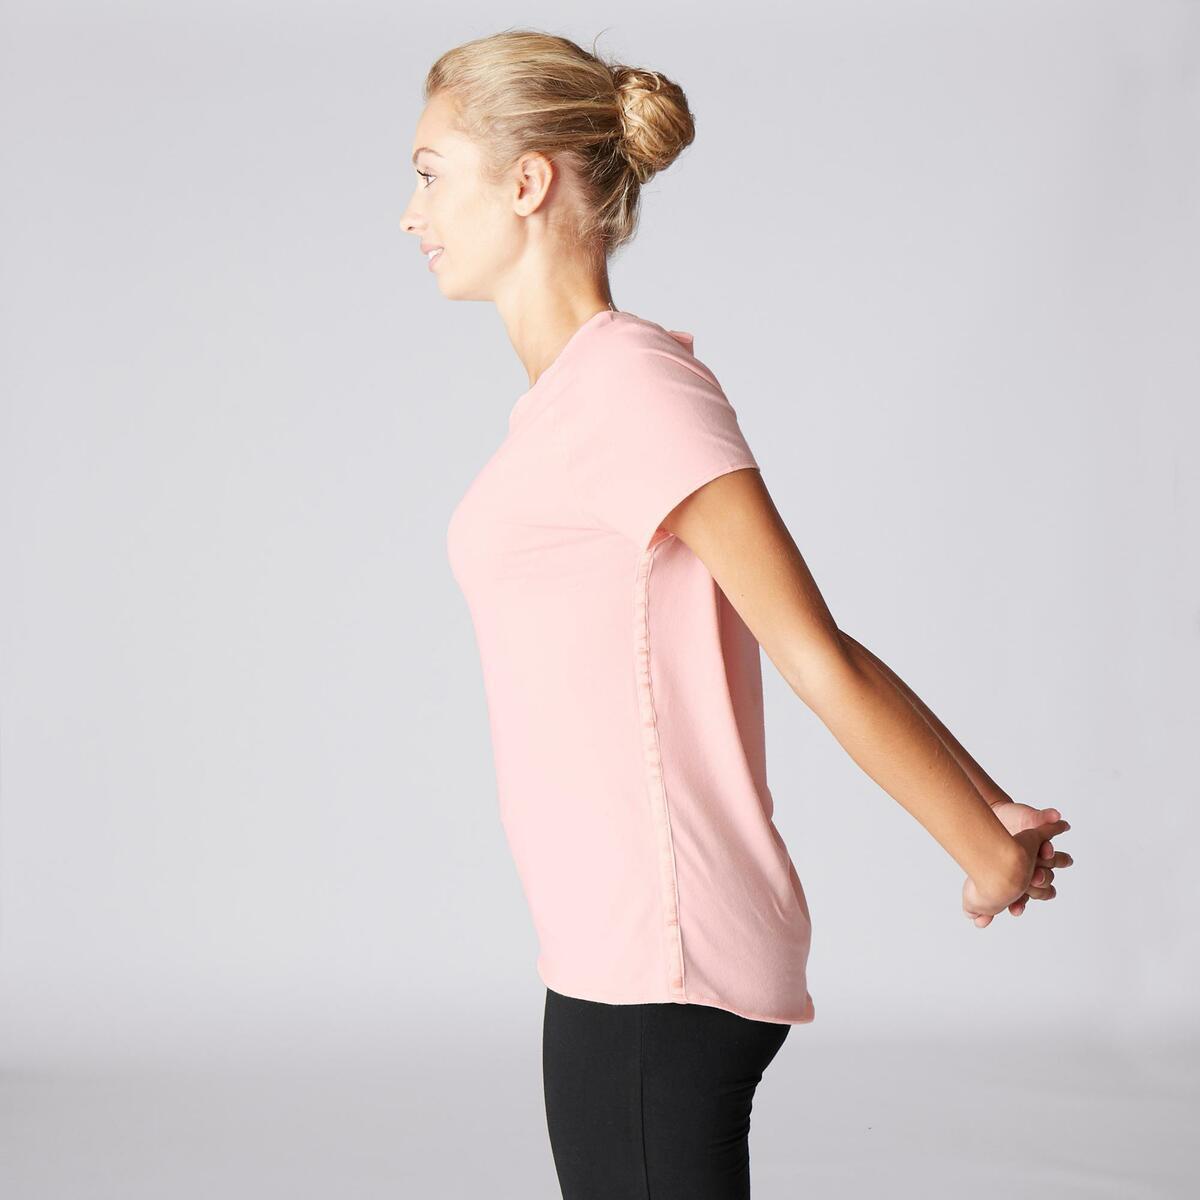 Bild 5 von T-Shirt sanftes Yoga aus Baumwolle aus biologischem Anbau Damen rosa